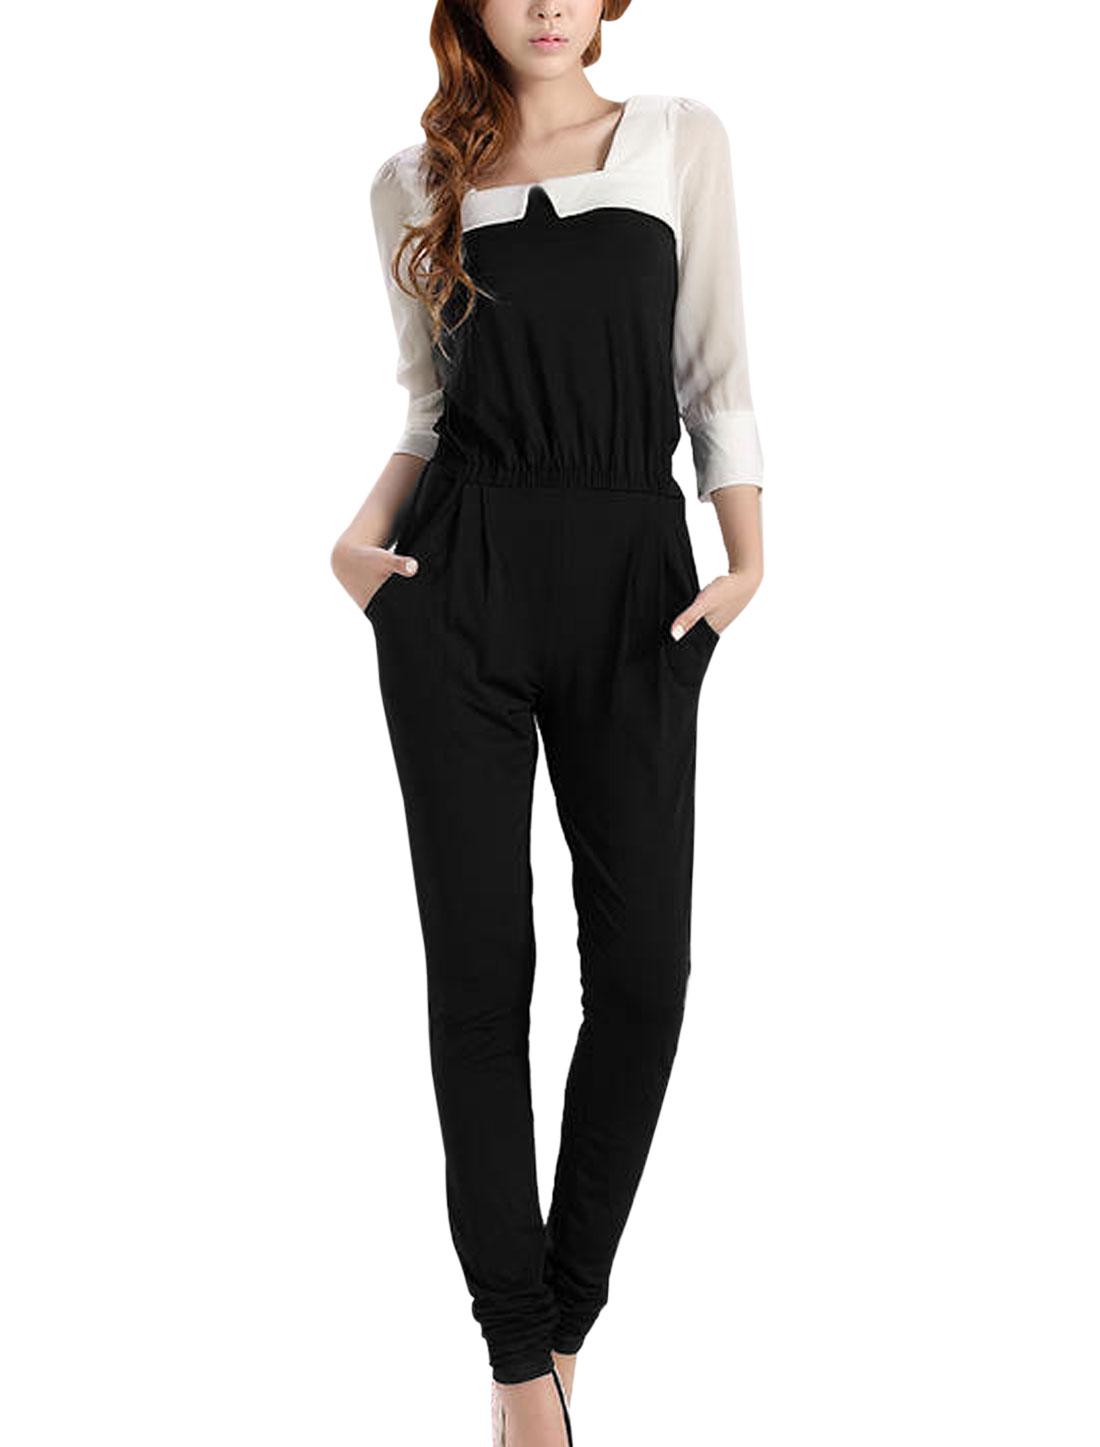 Lady Square Neckline 3/4 Sleeve Elastic Waist Jumpsuit Black S